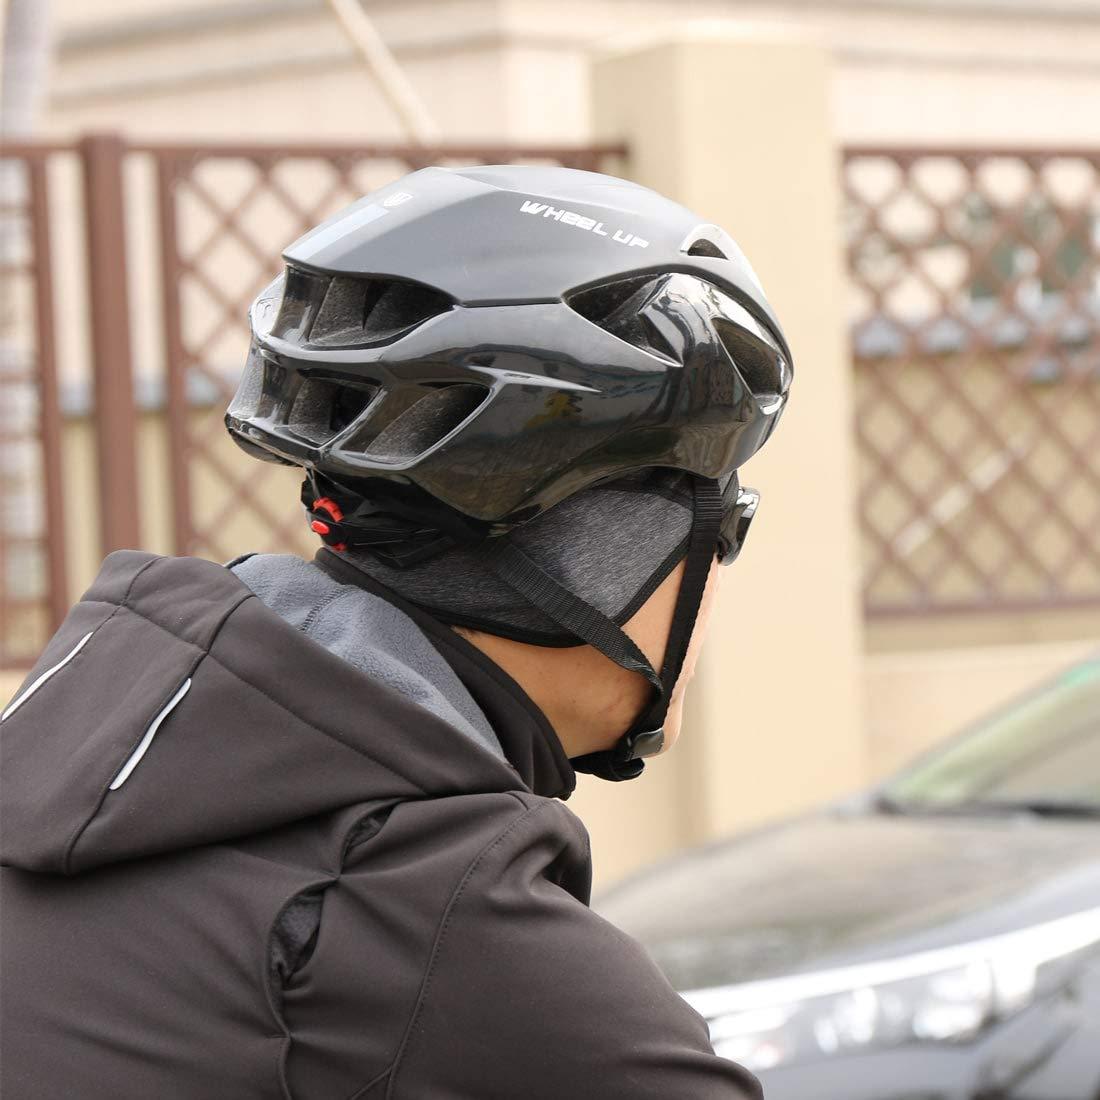 FELOVE Passamontagna Moto Balaclava Maschera Viso da Sci Snowboard Bici Impermeabile Termico A Prova di Vento Dimensioni Universali